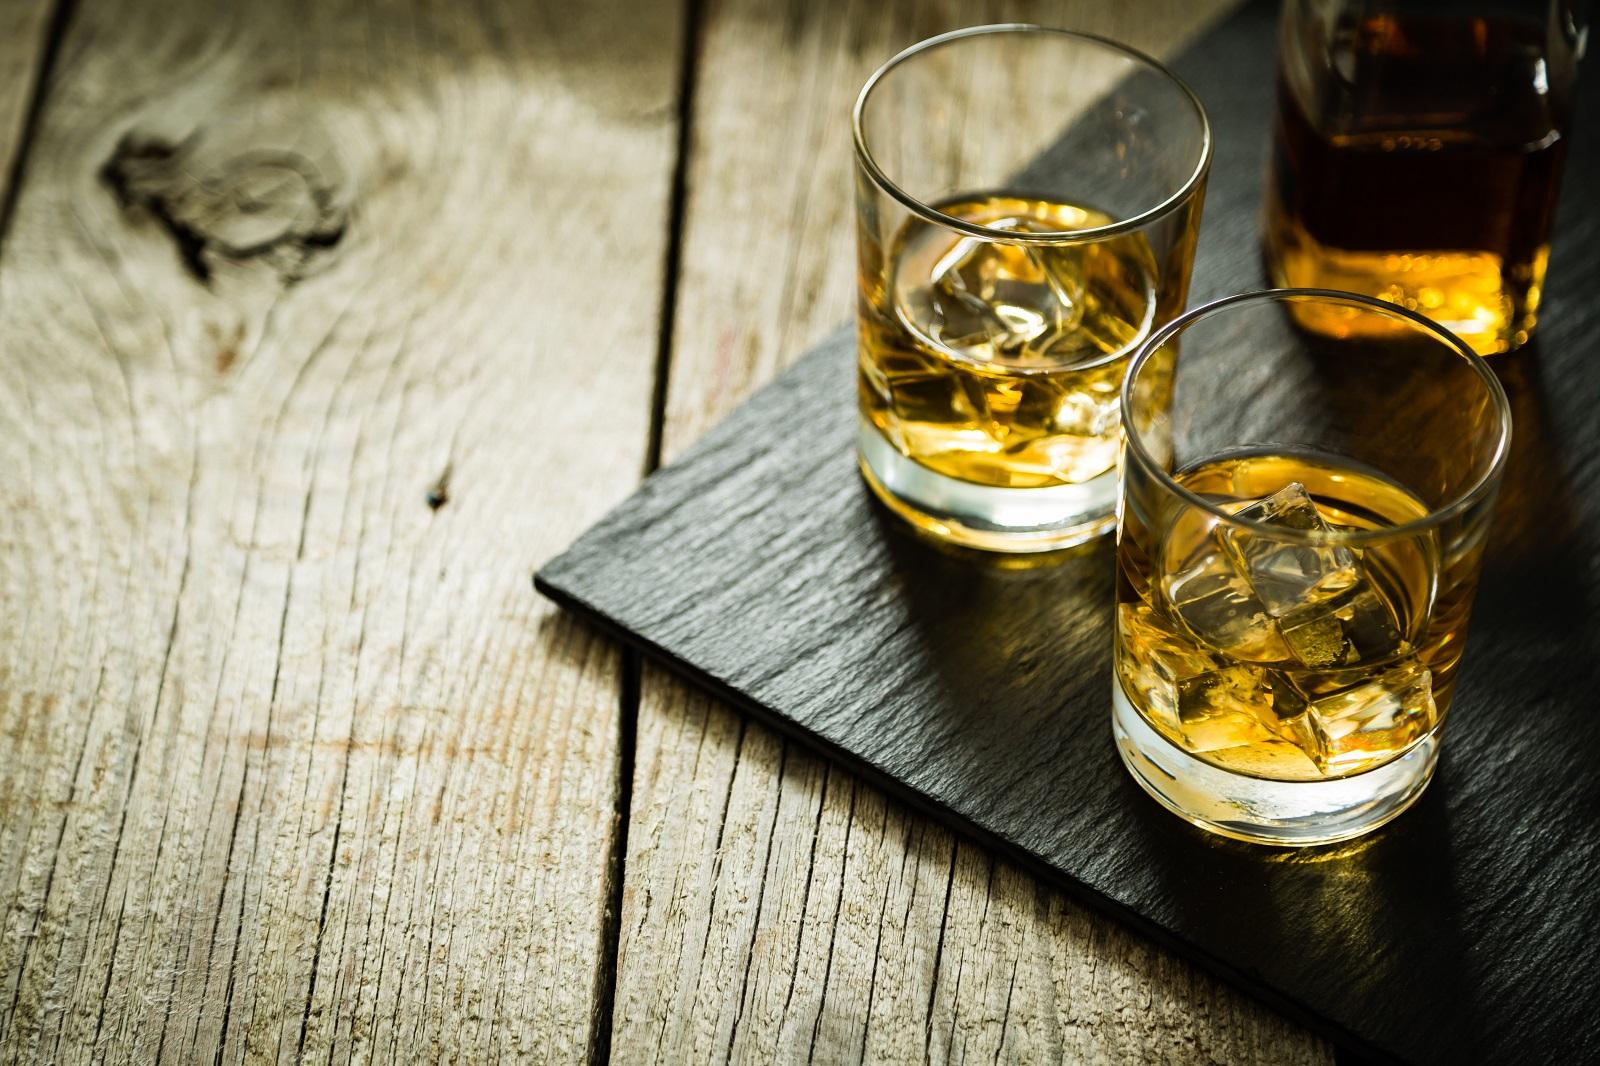 12-datos-curiosos-que-no-conocias-sobre-el-whisky.jpg